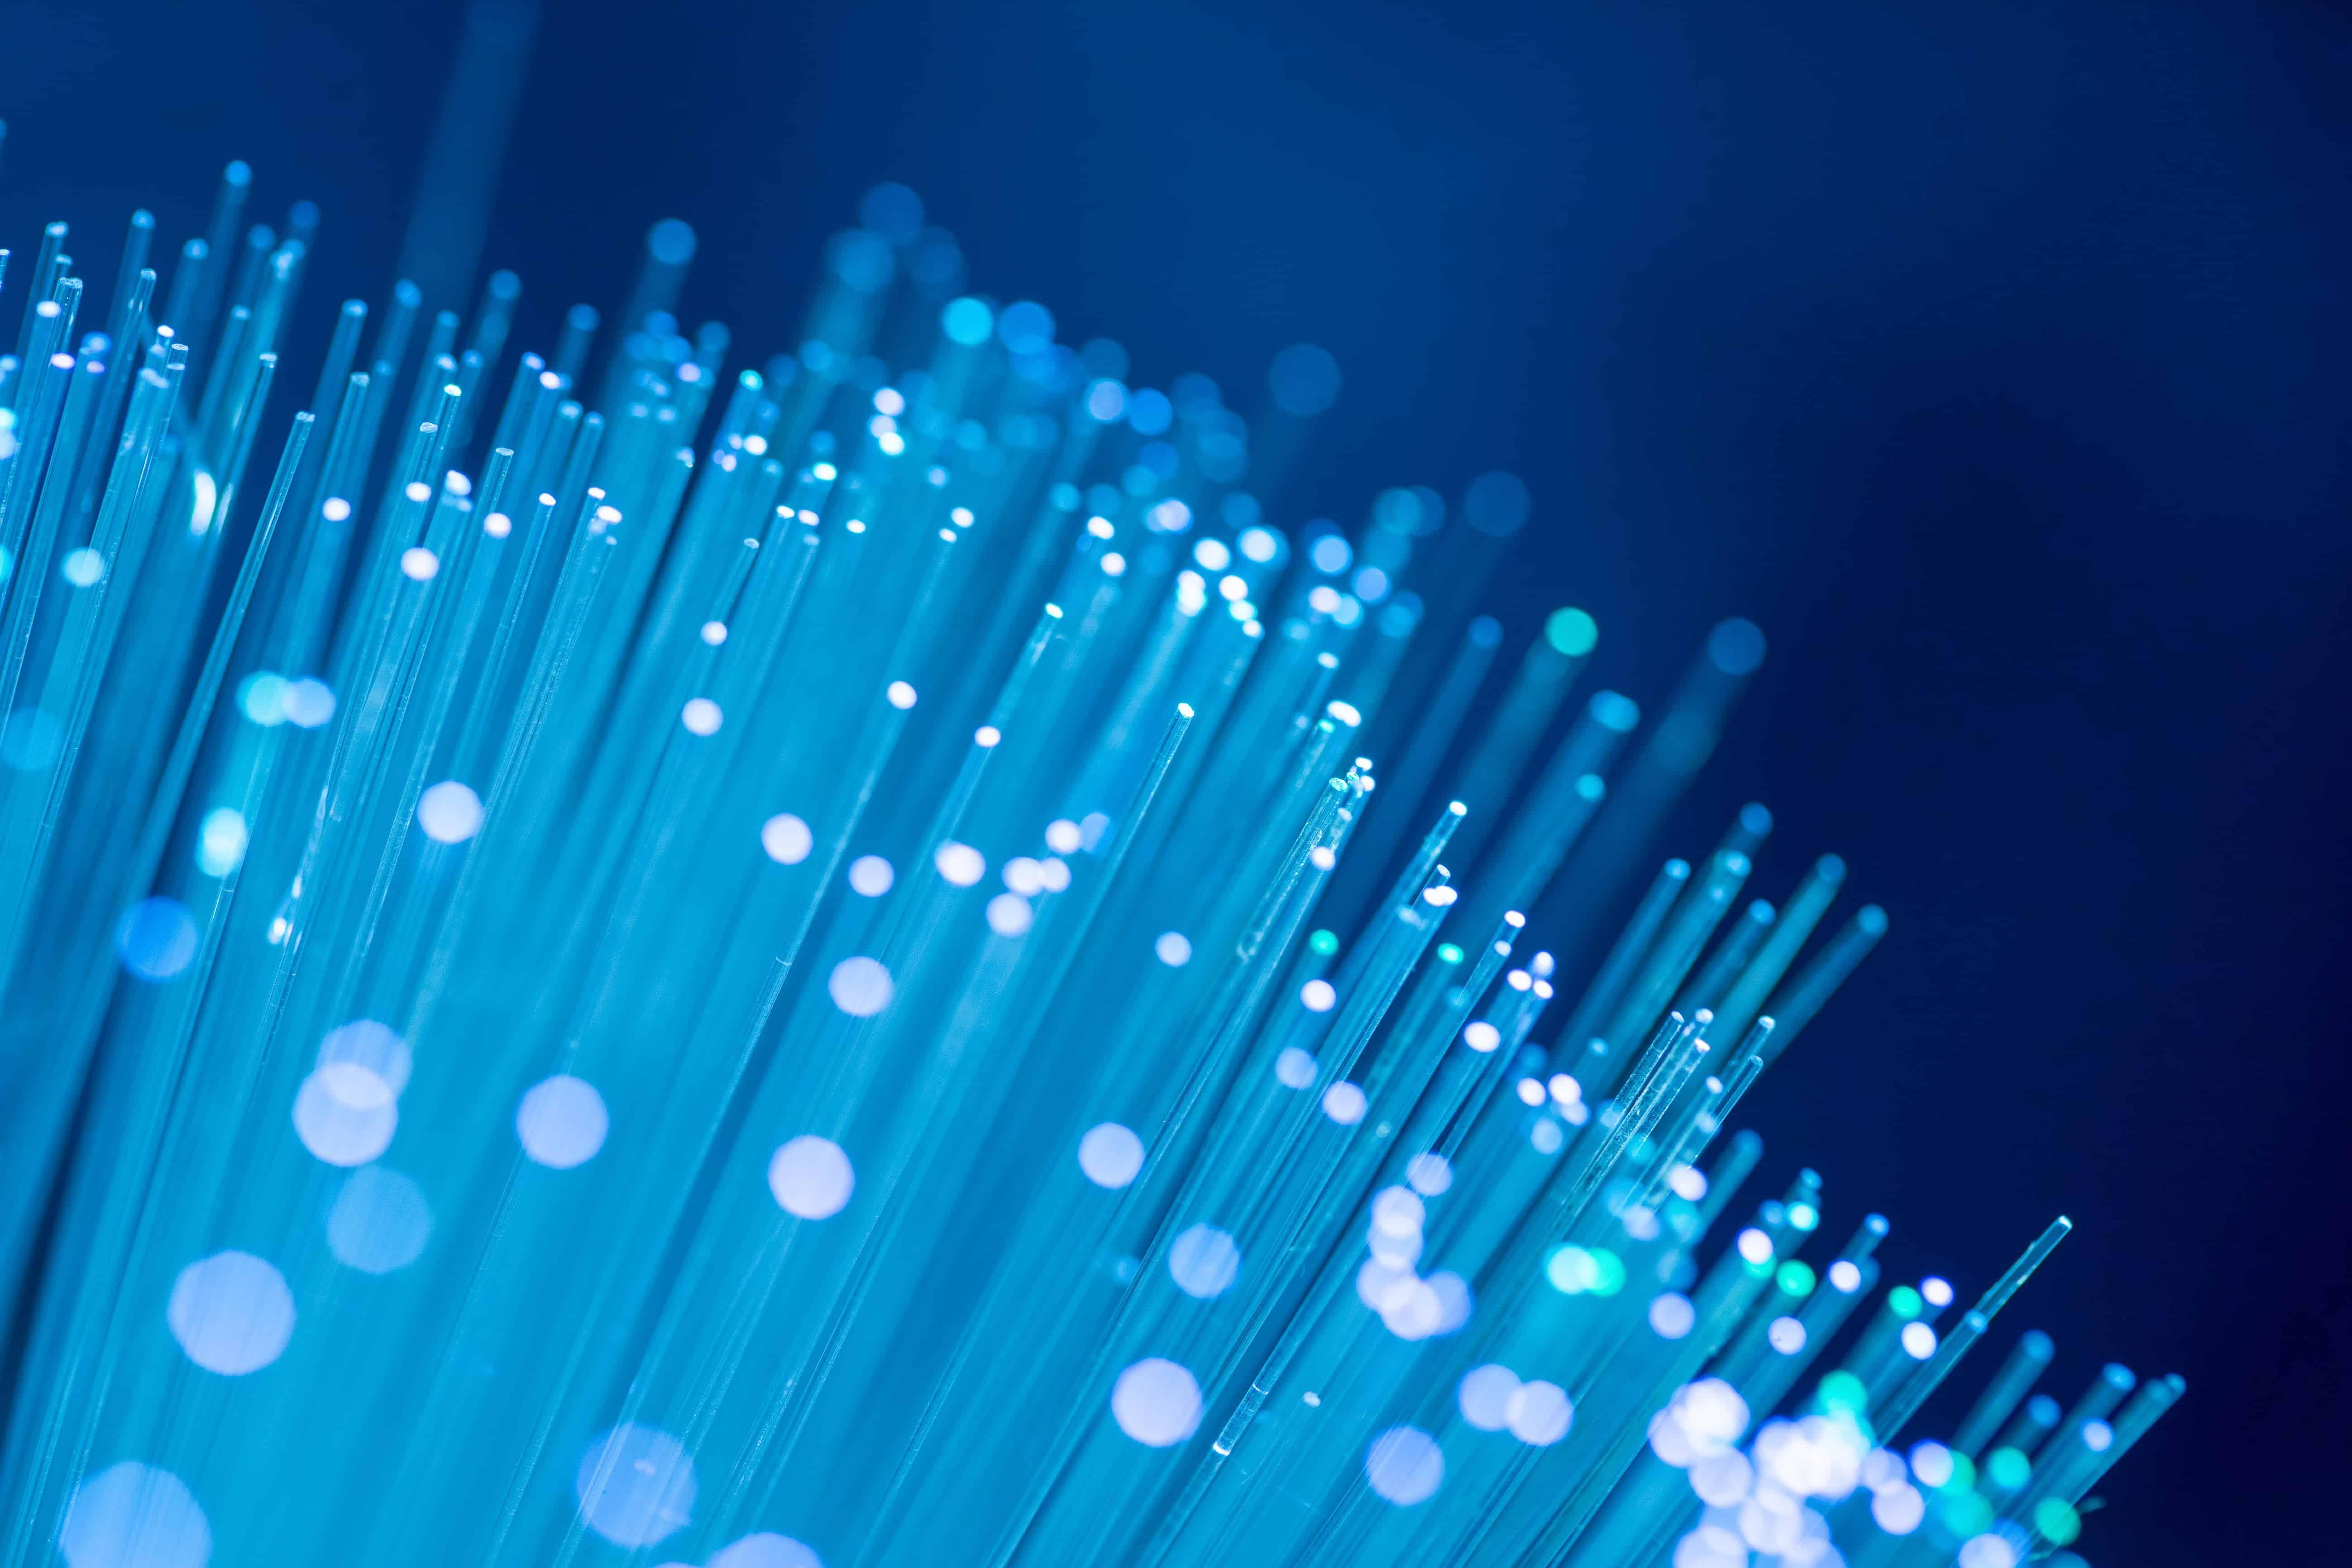 A close-up image of fibre optic cables.